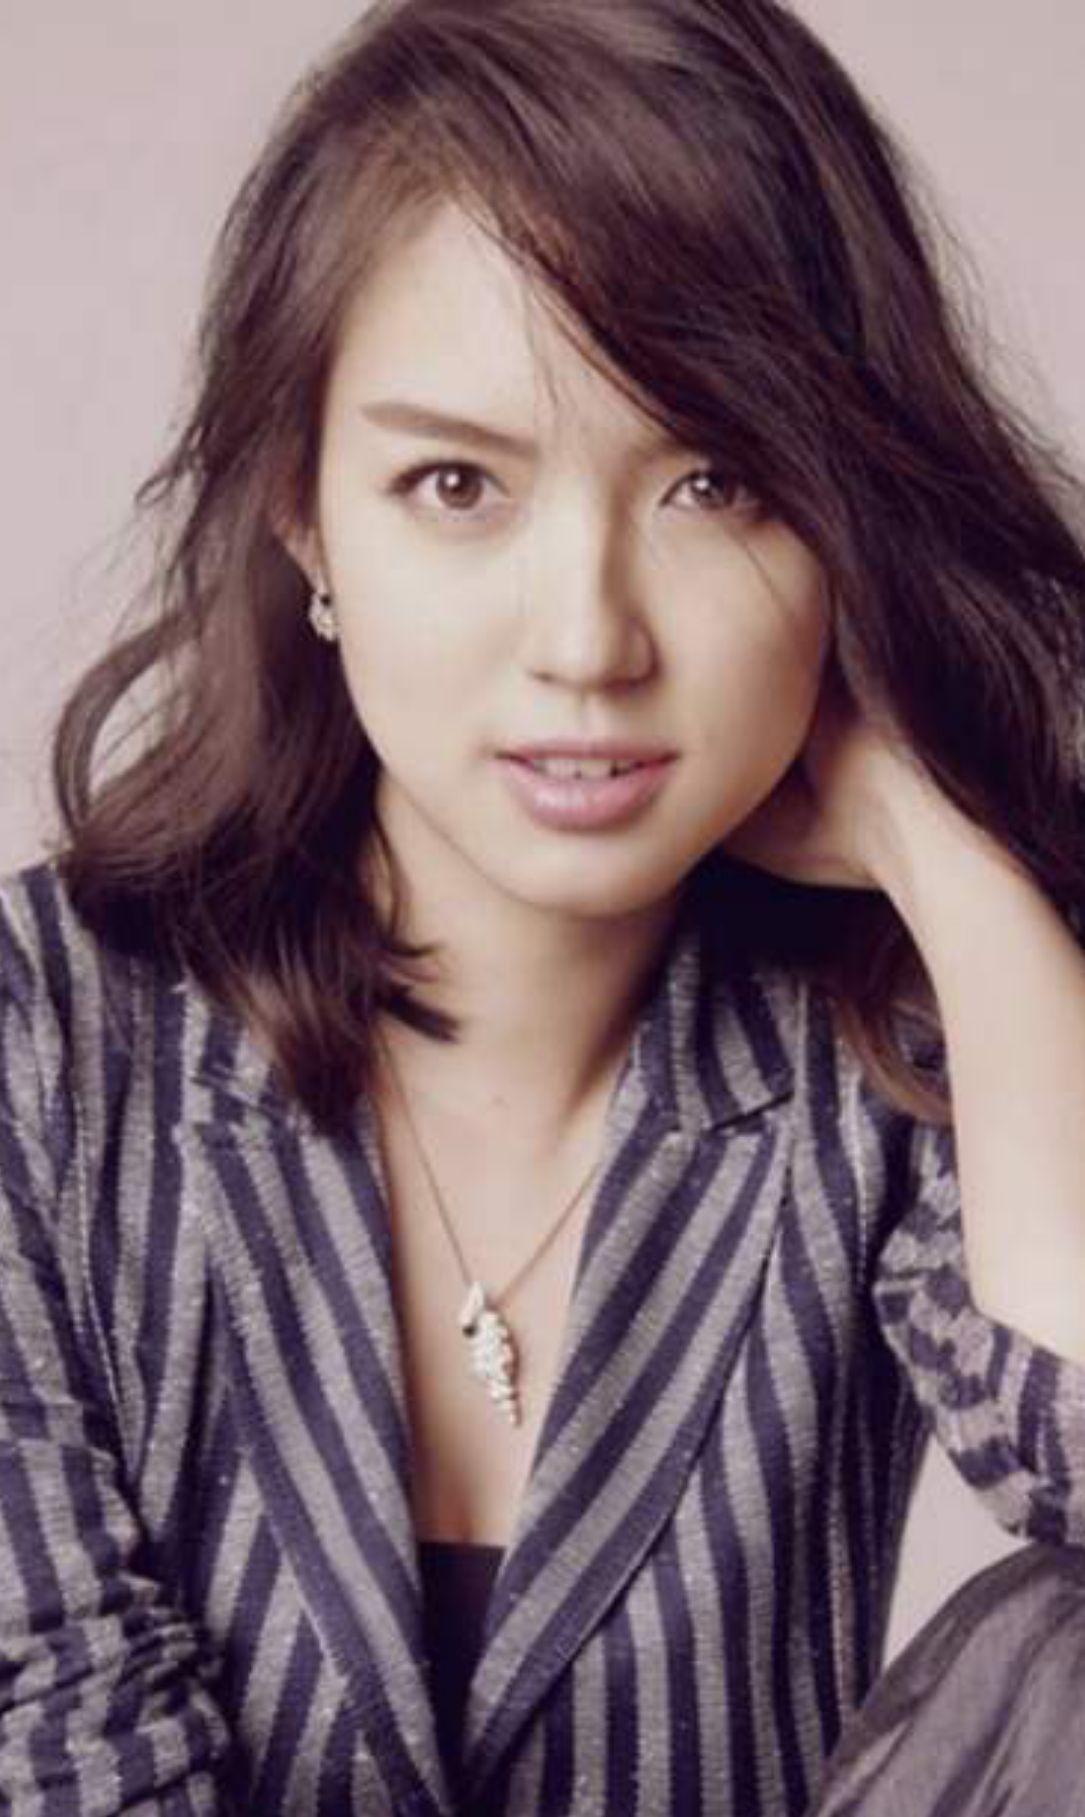 张梓琳唯美时尚写真照,气质优雅,温婉可人